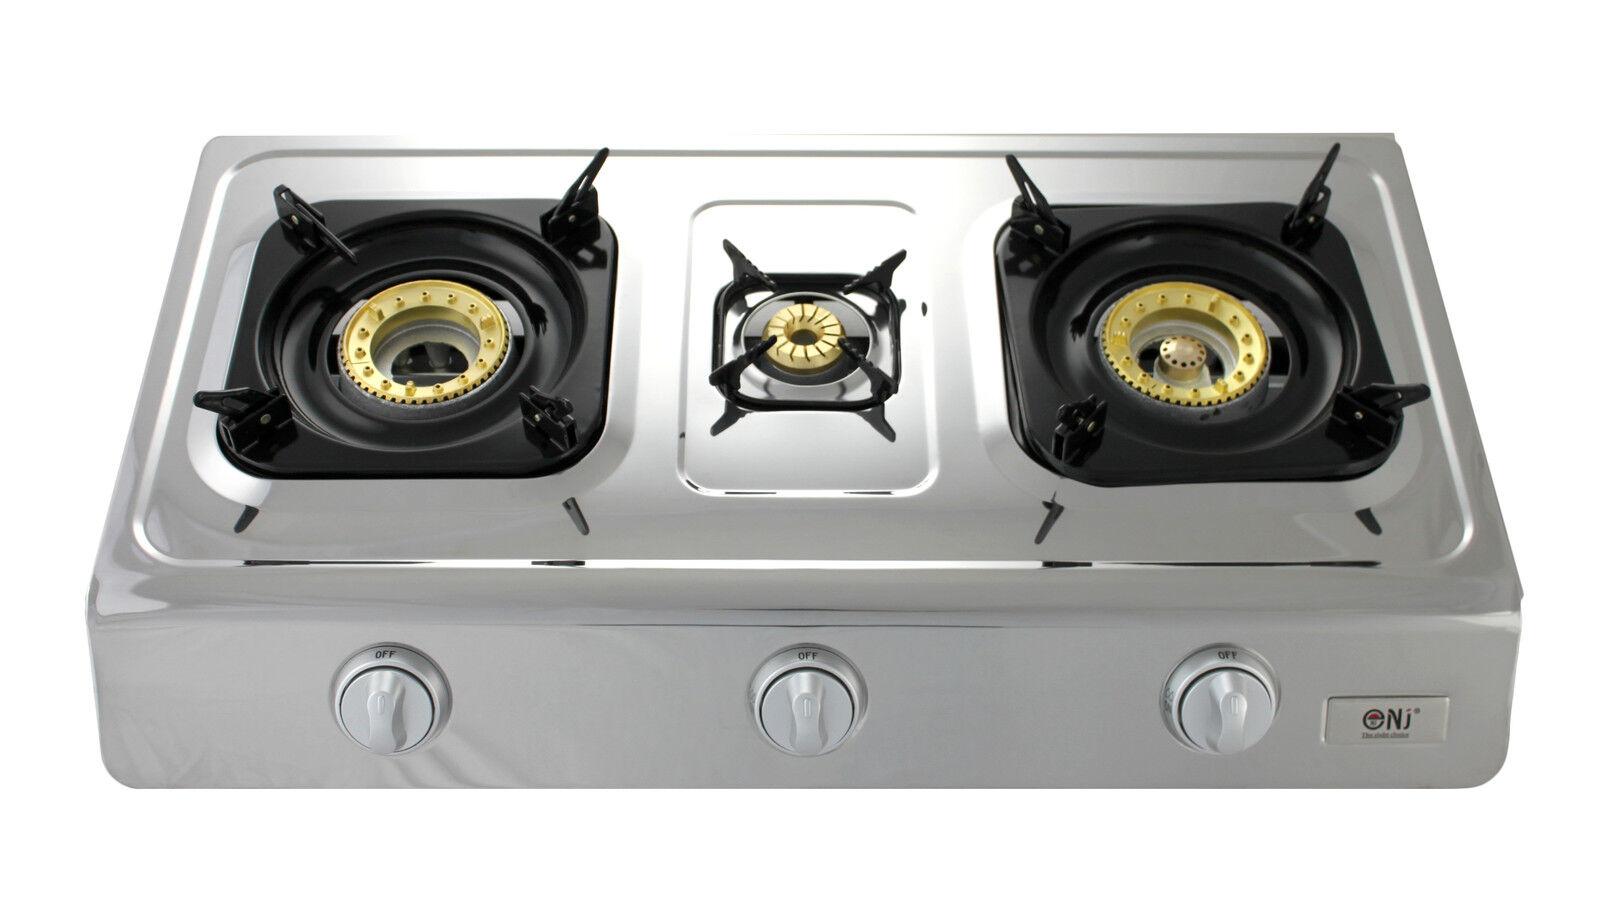 NJ NSD-3 Portable Gas Stove 3 Burner 70cm Stainless Steel Indoor Caravan 8.0kW